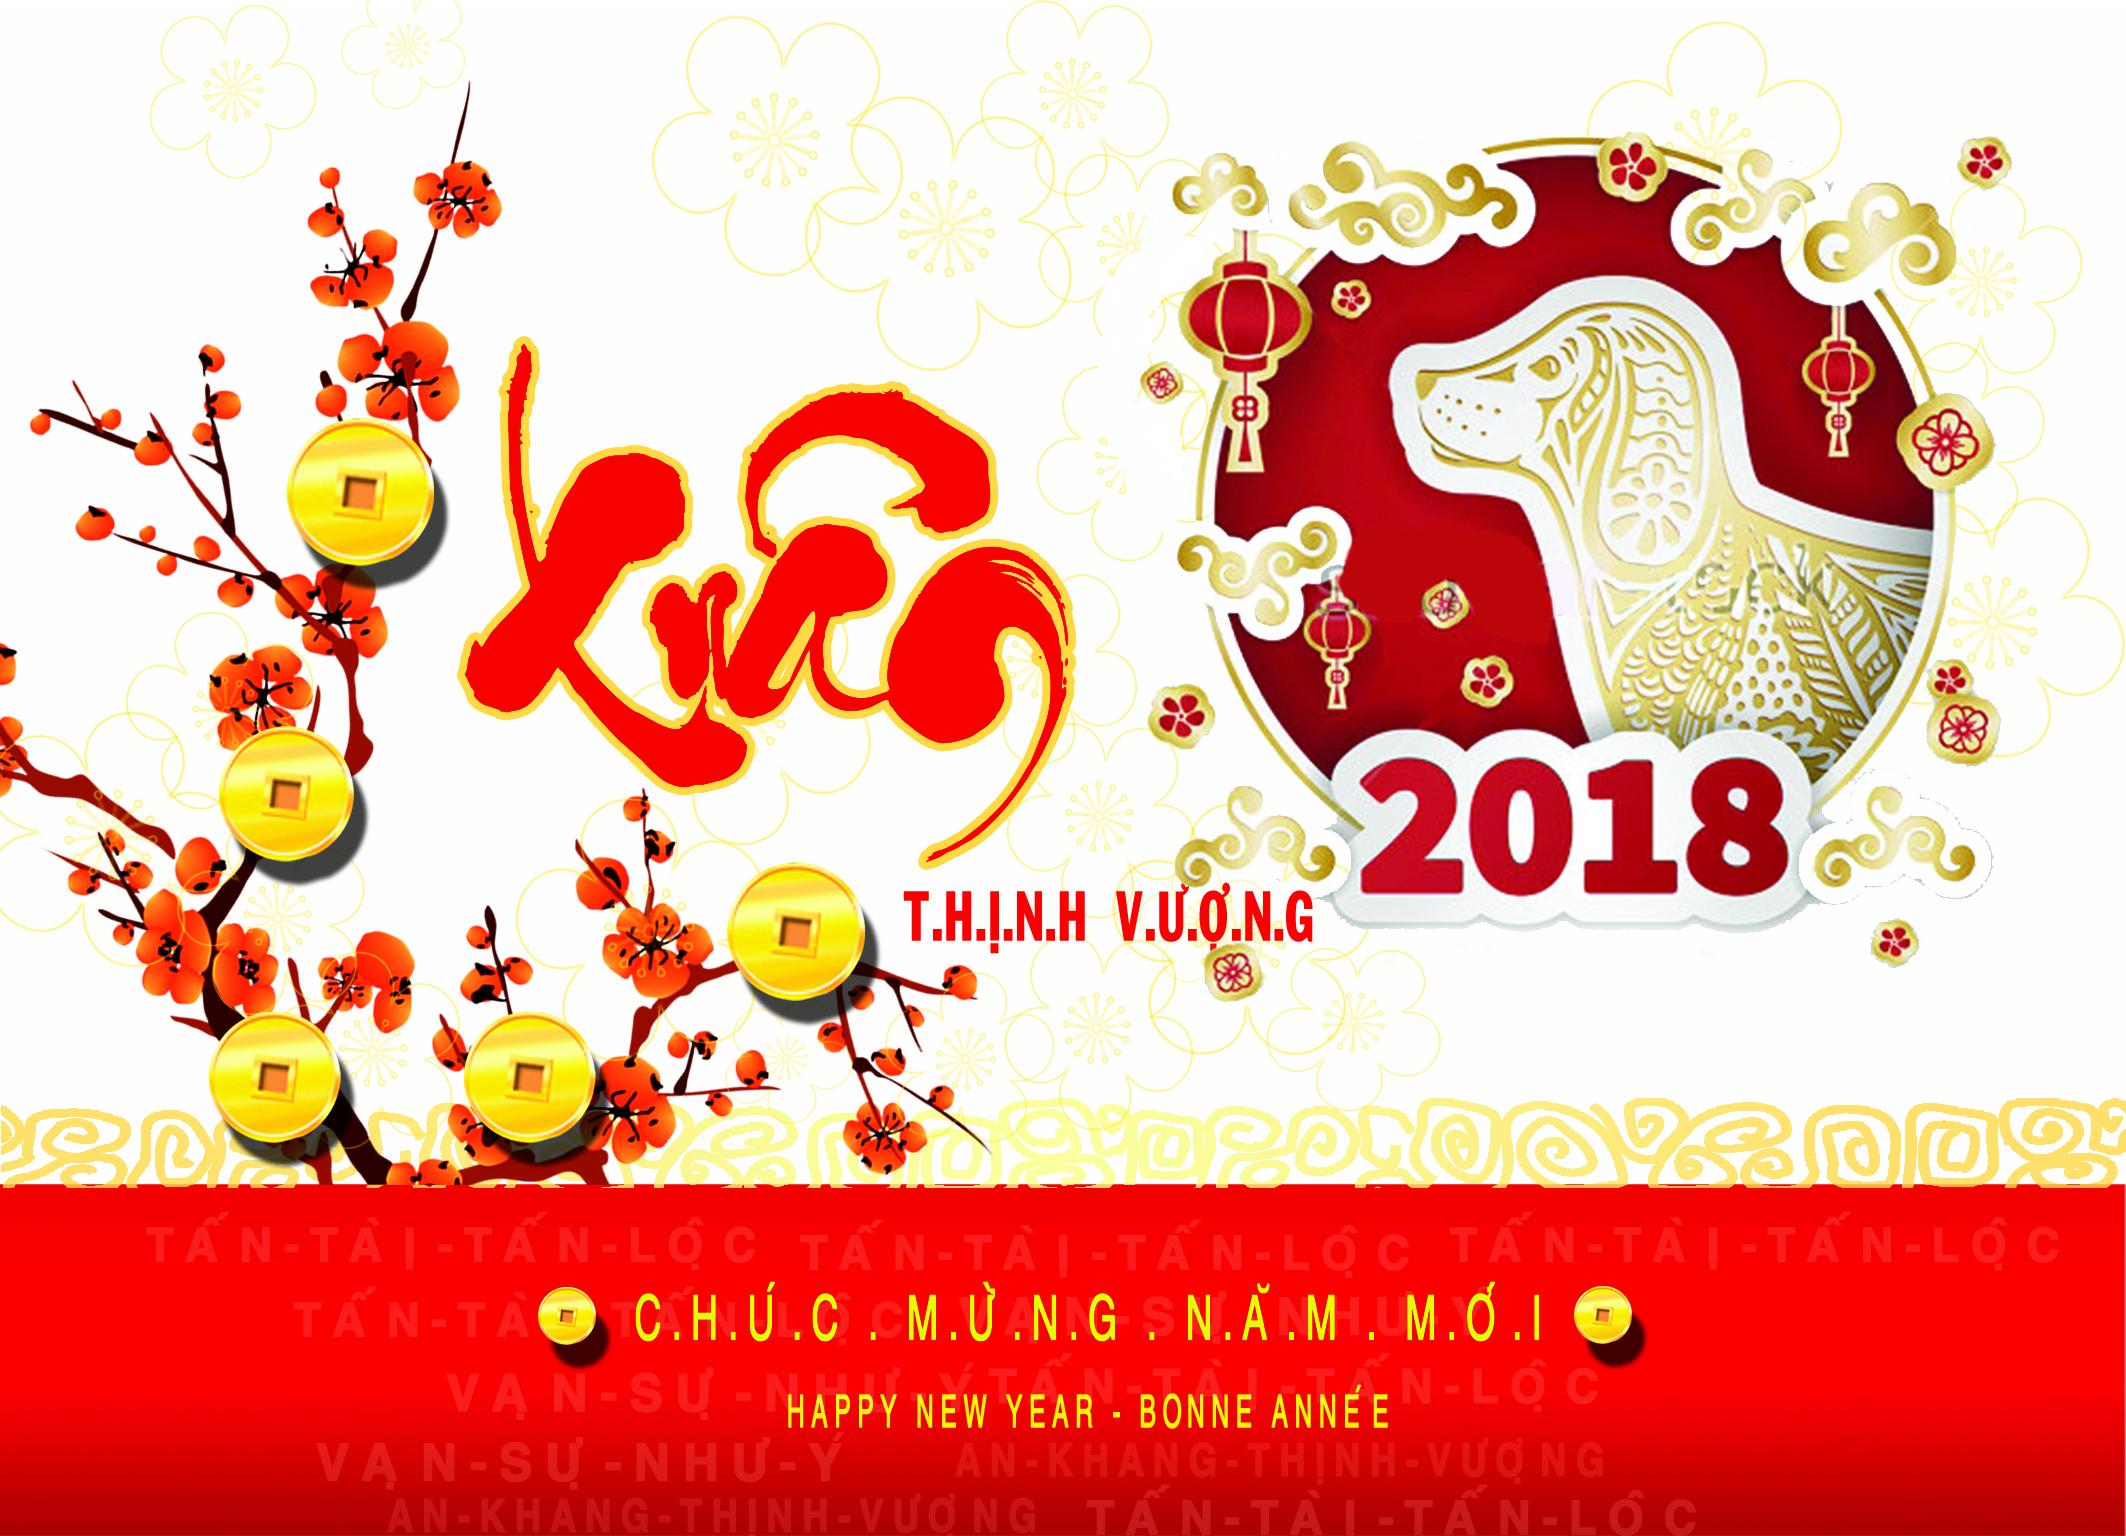 Thông báo lịch nghỉ Tết nguyên đán 2018